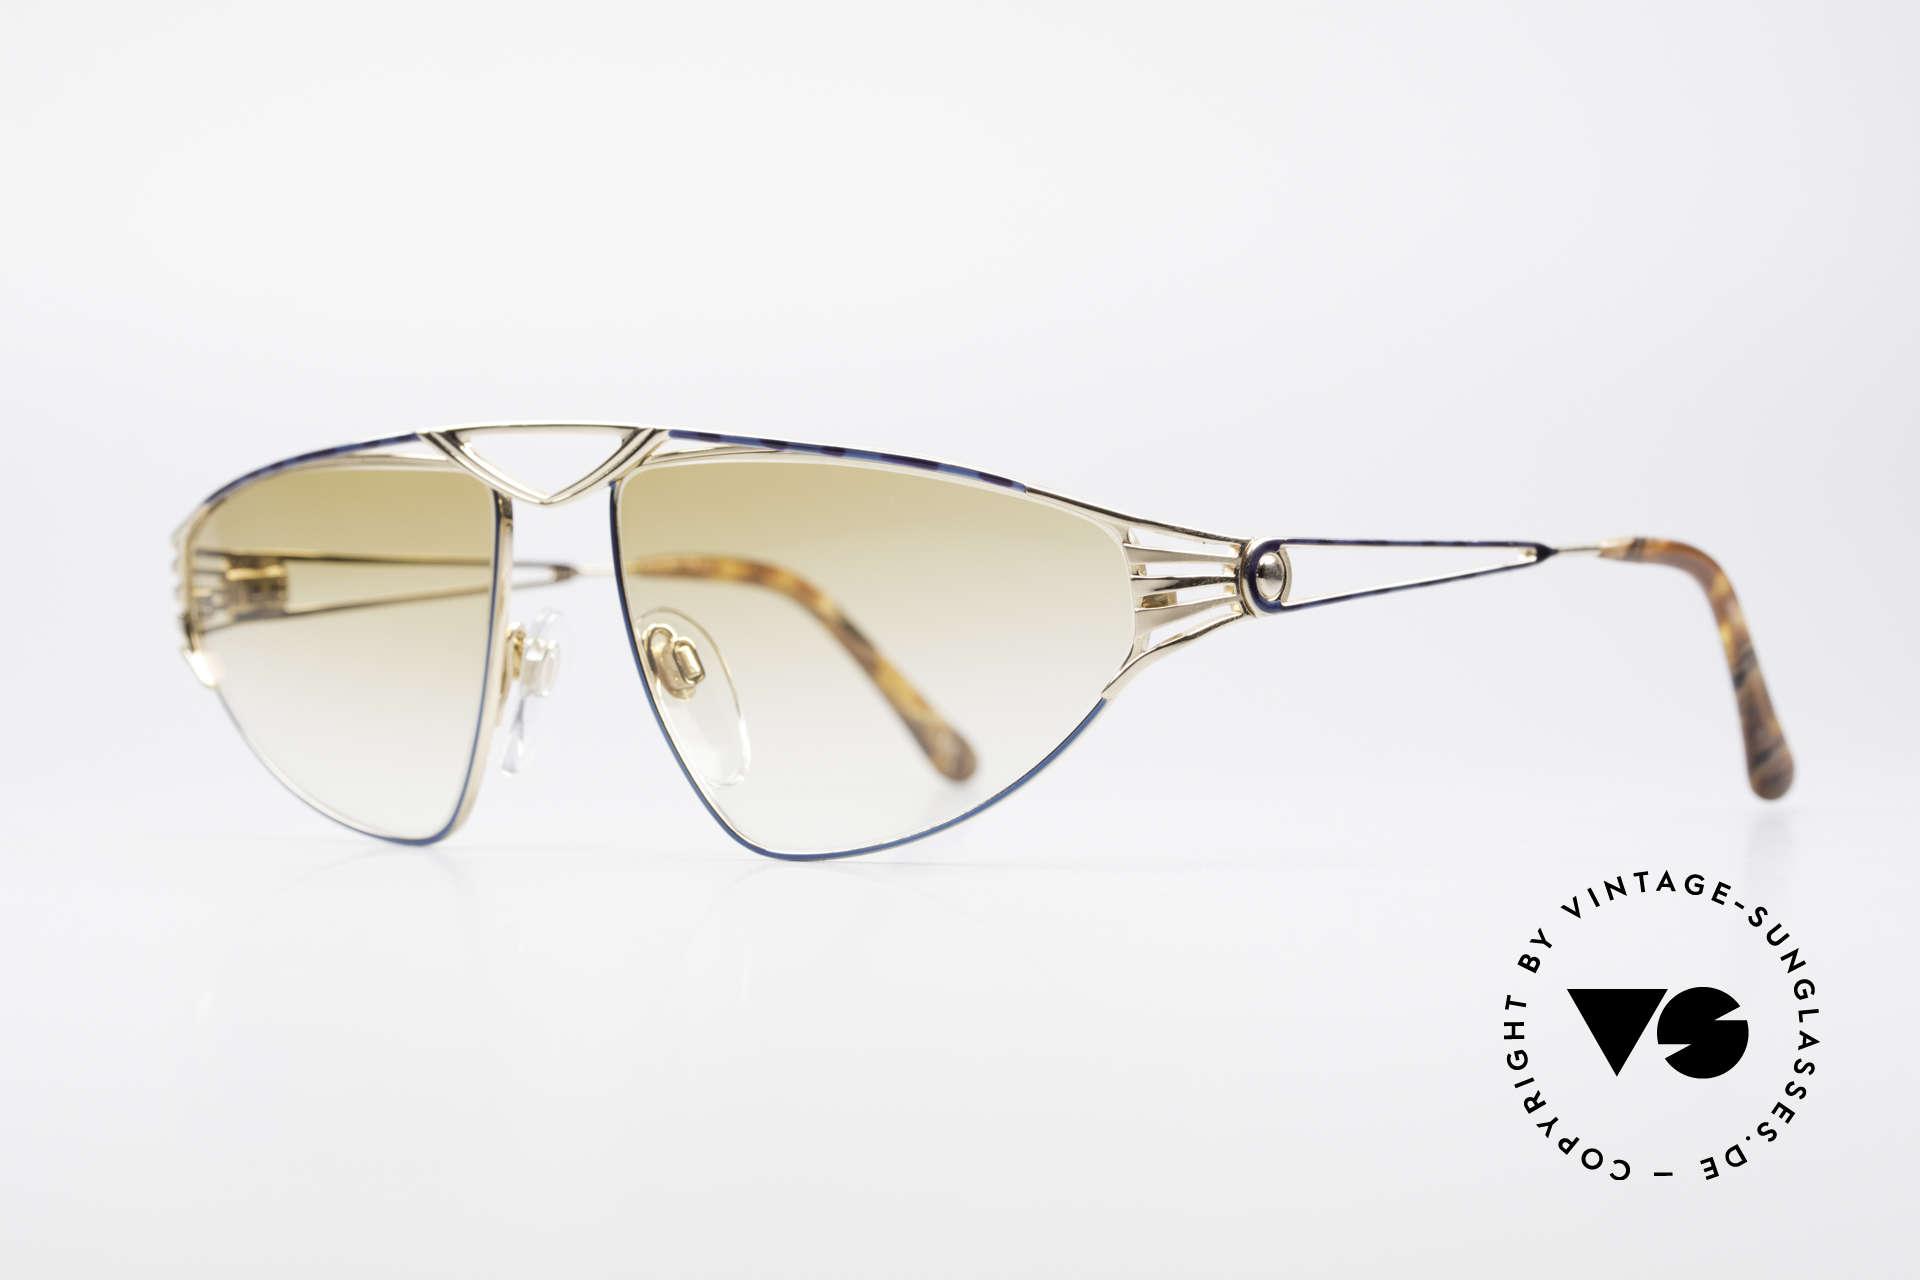 St. Moritz 4410 90er Luxus Sonnenbrille, in Kleinstserie produziert (Modelle mit Seriennummer), Passend für Damen